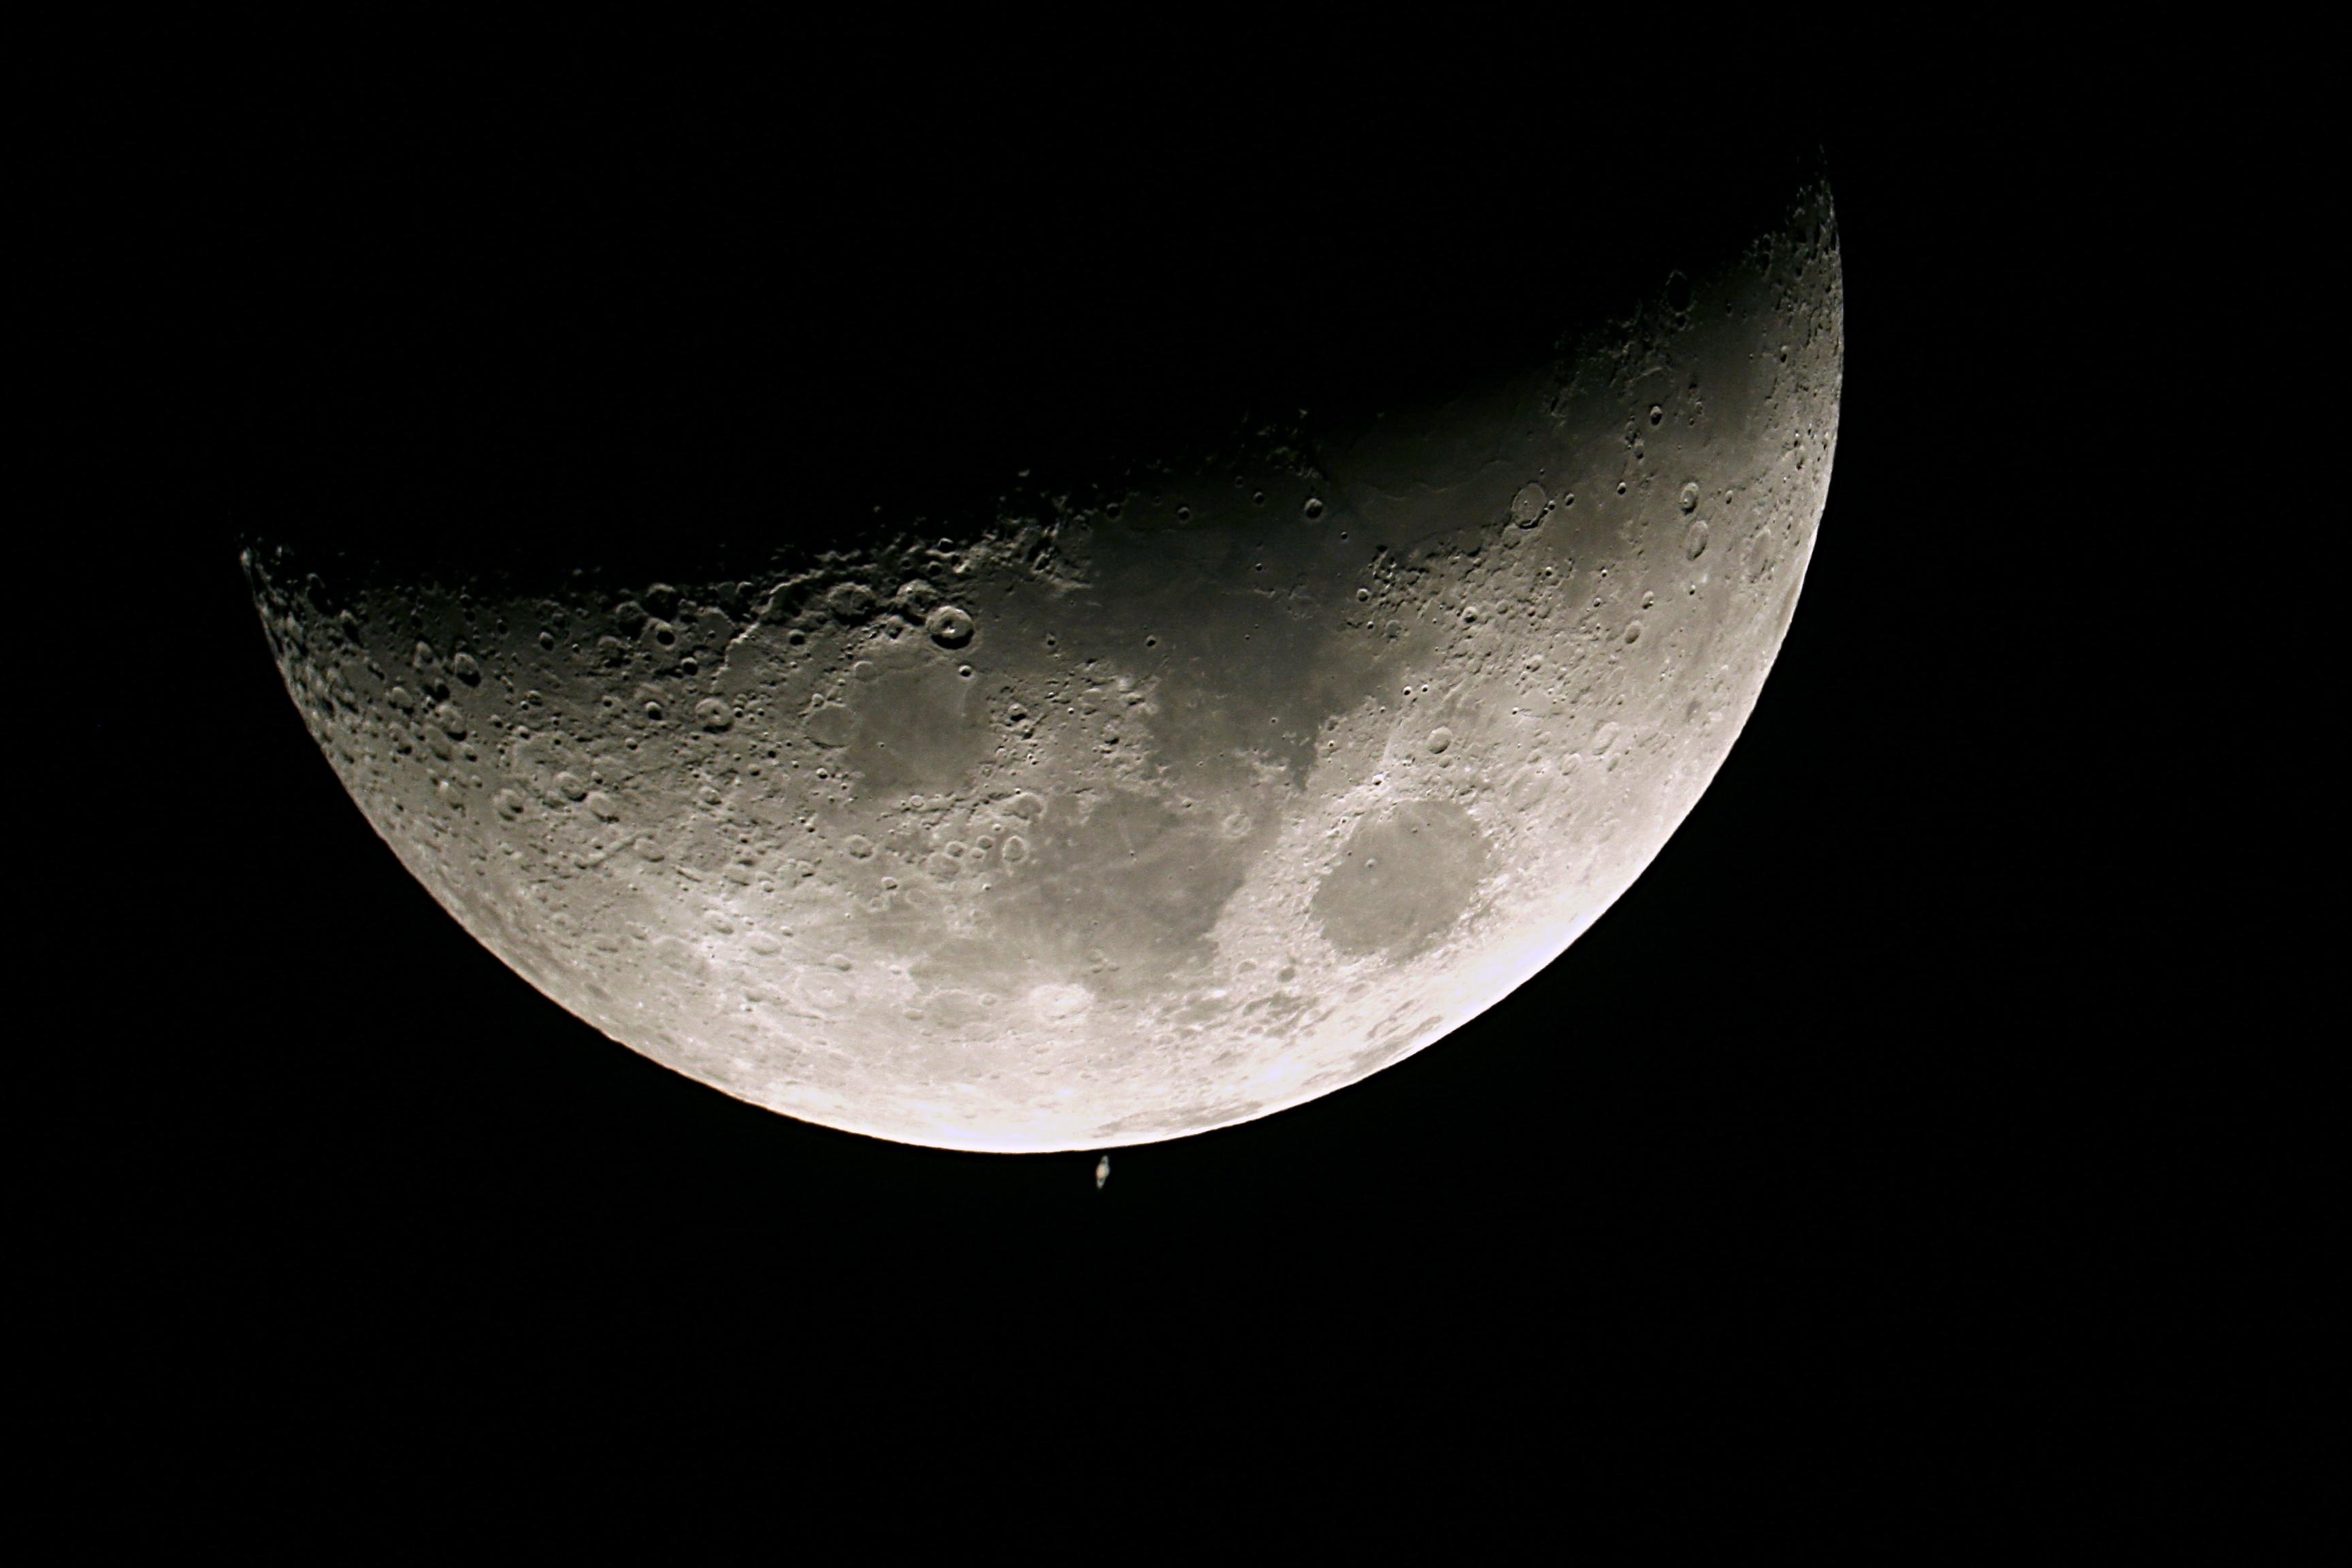 68 - Occultation de Saturne par la lune